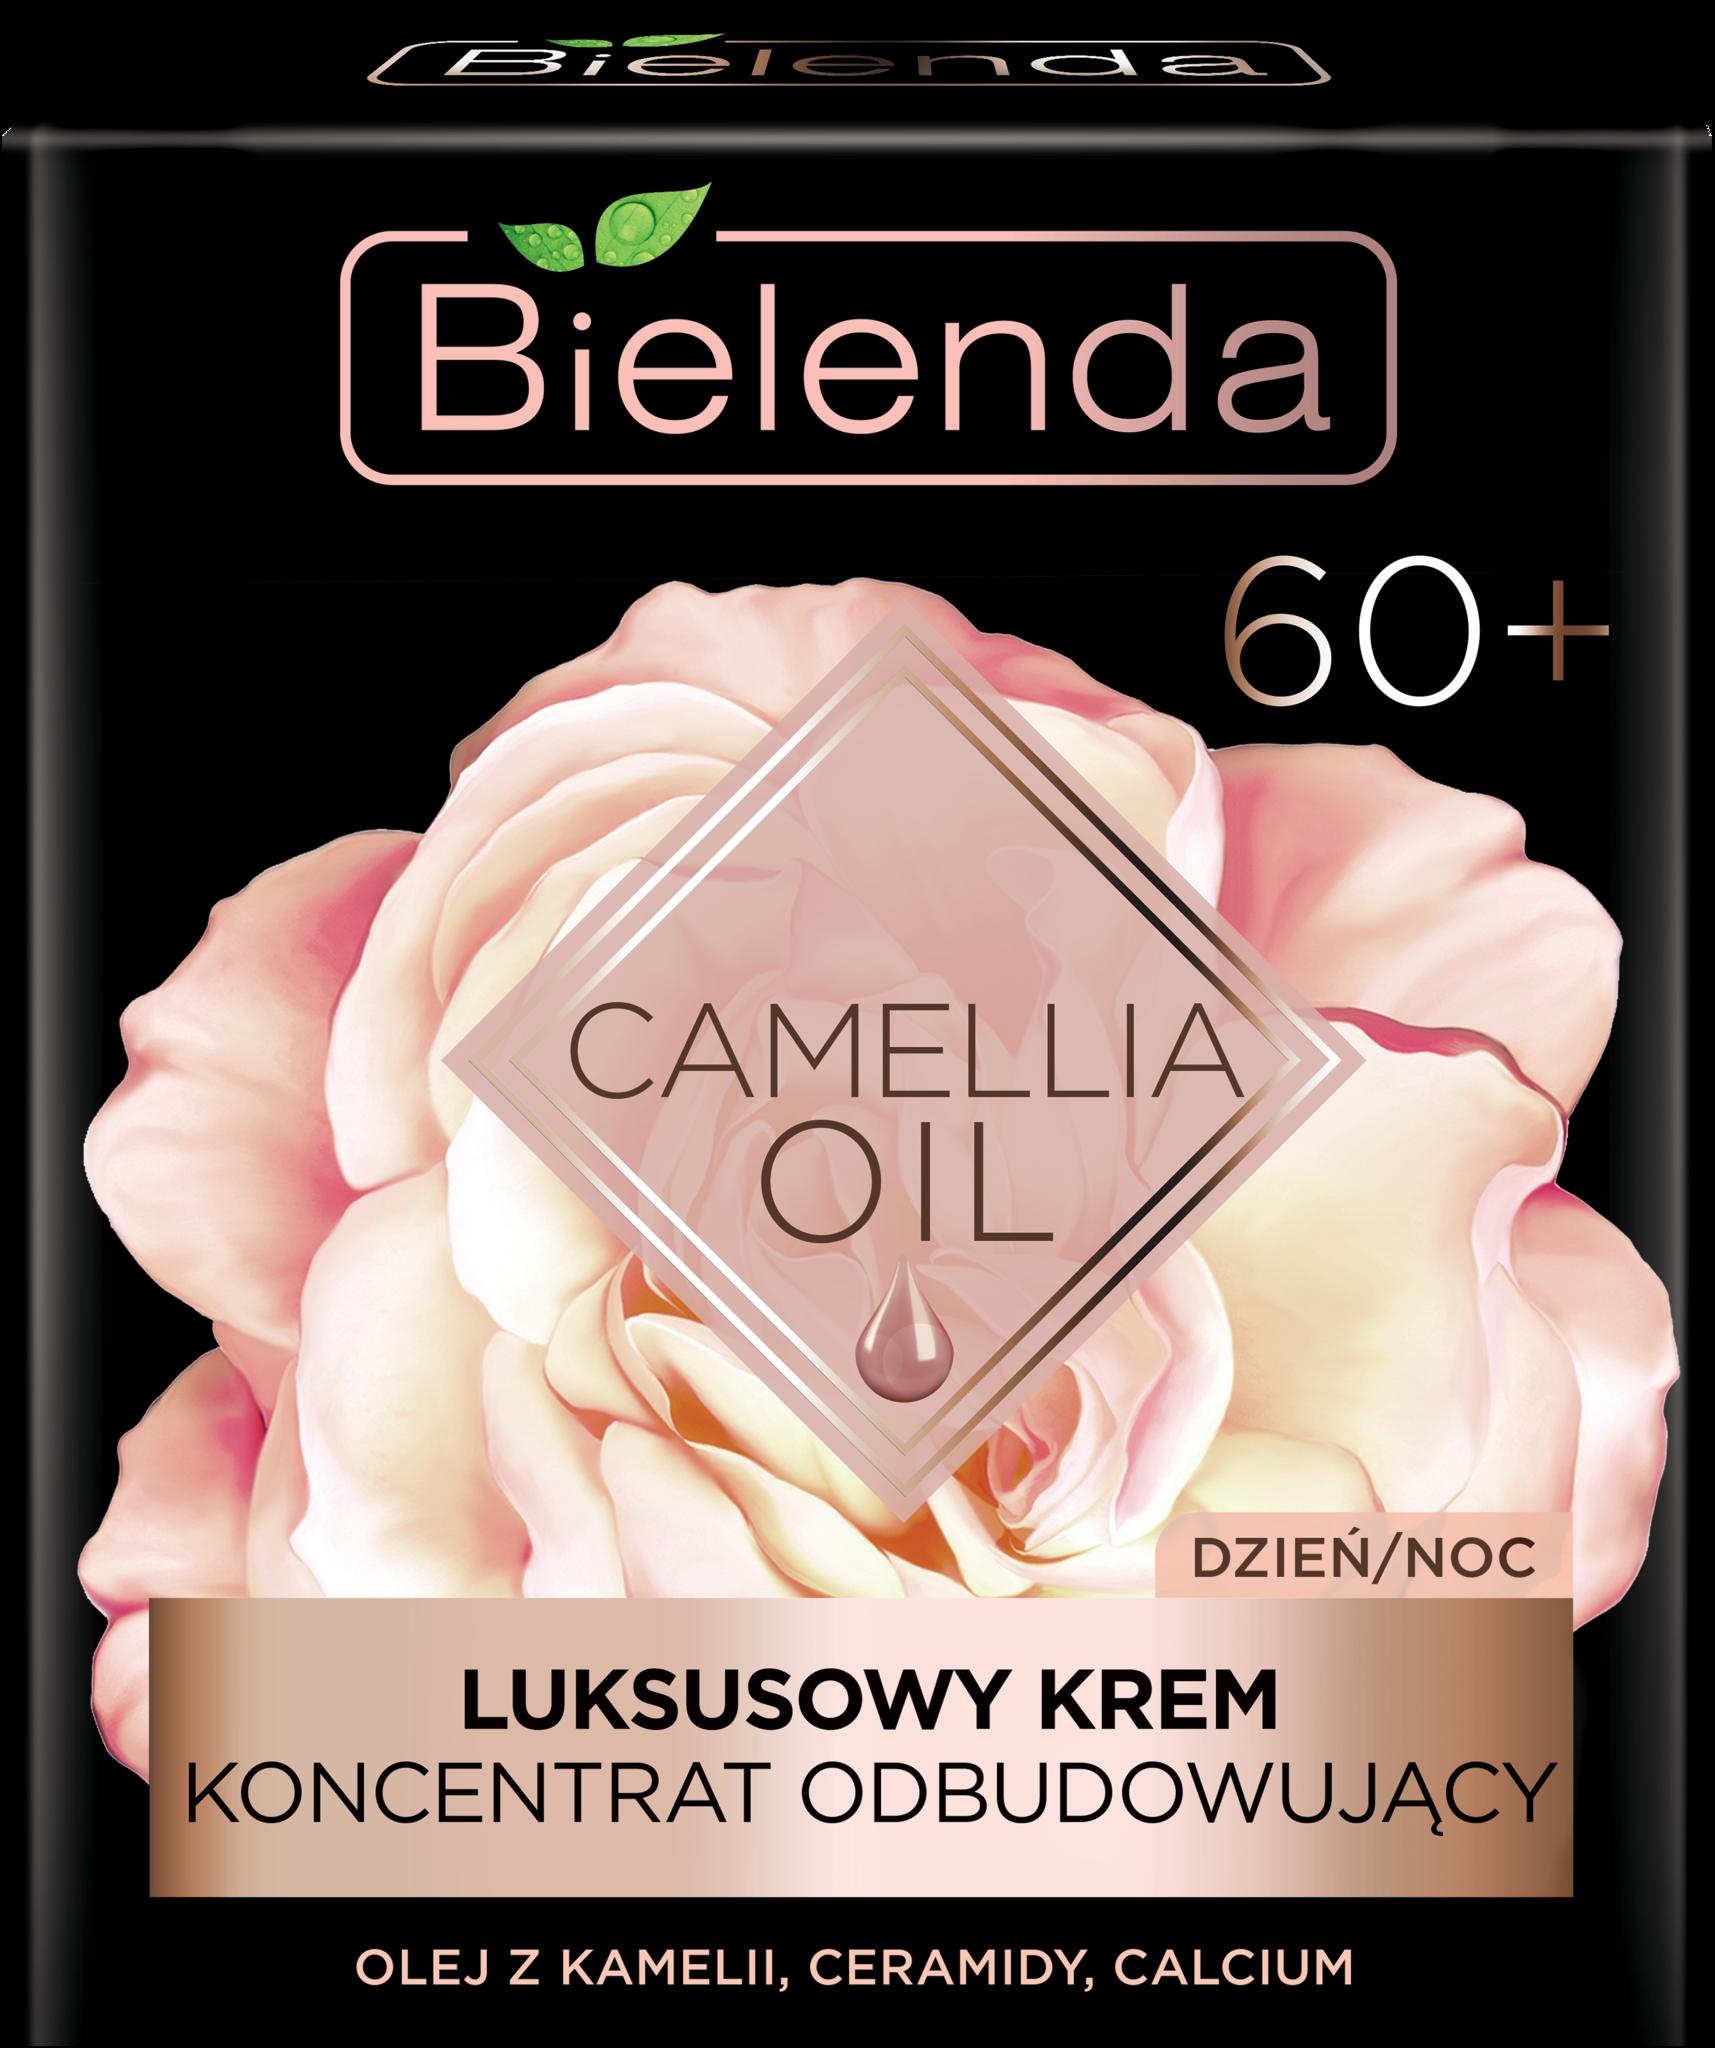 CAMELLIA OIL Эксклюзивный крем-концентрат 60+ день/ночь, 50 мл